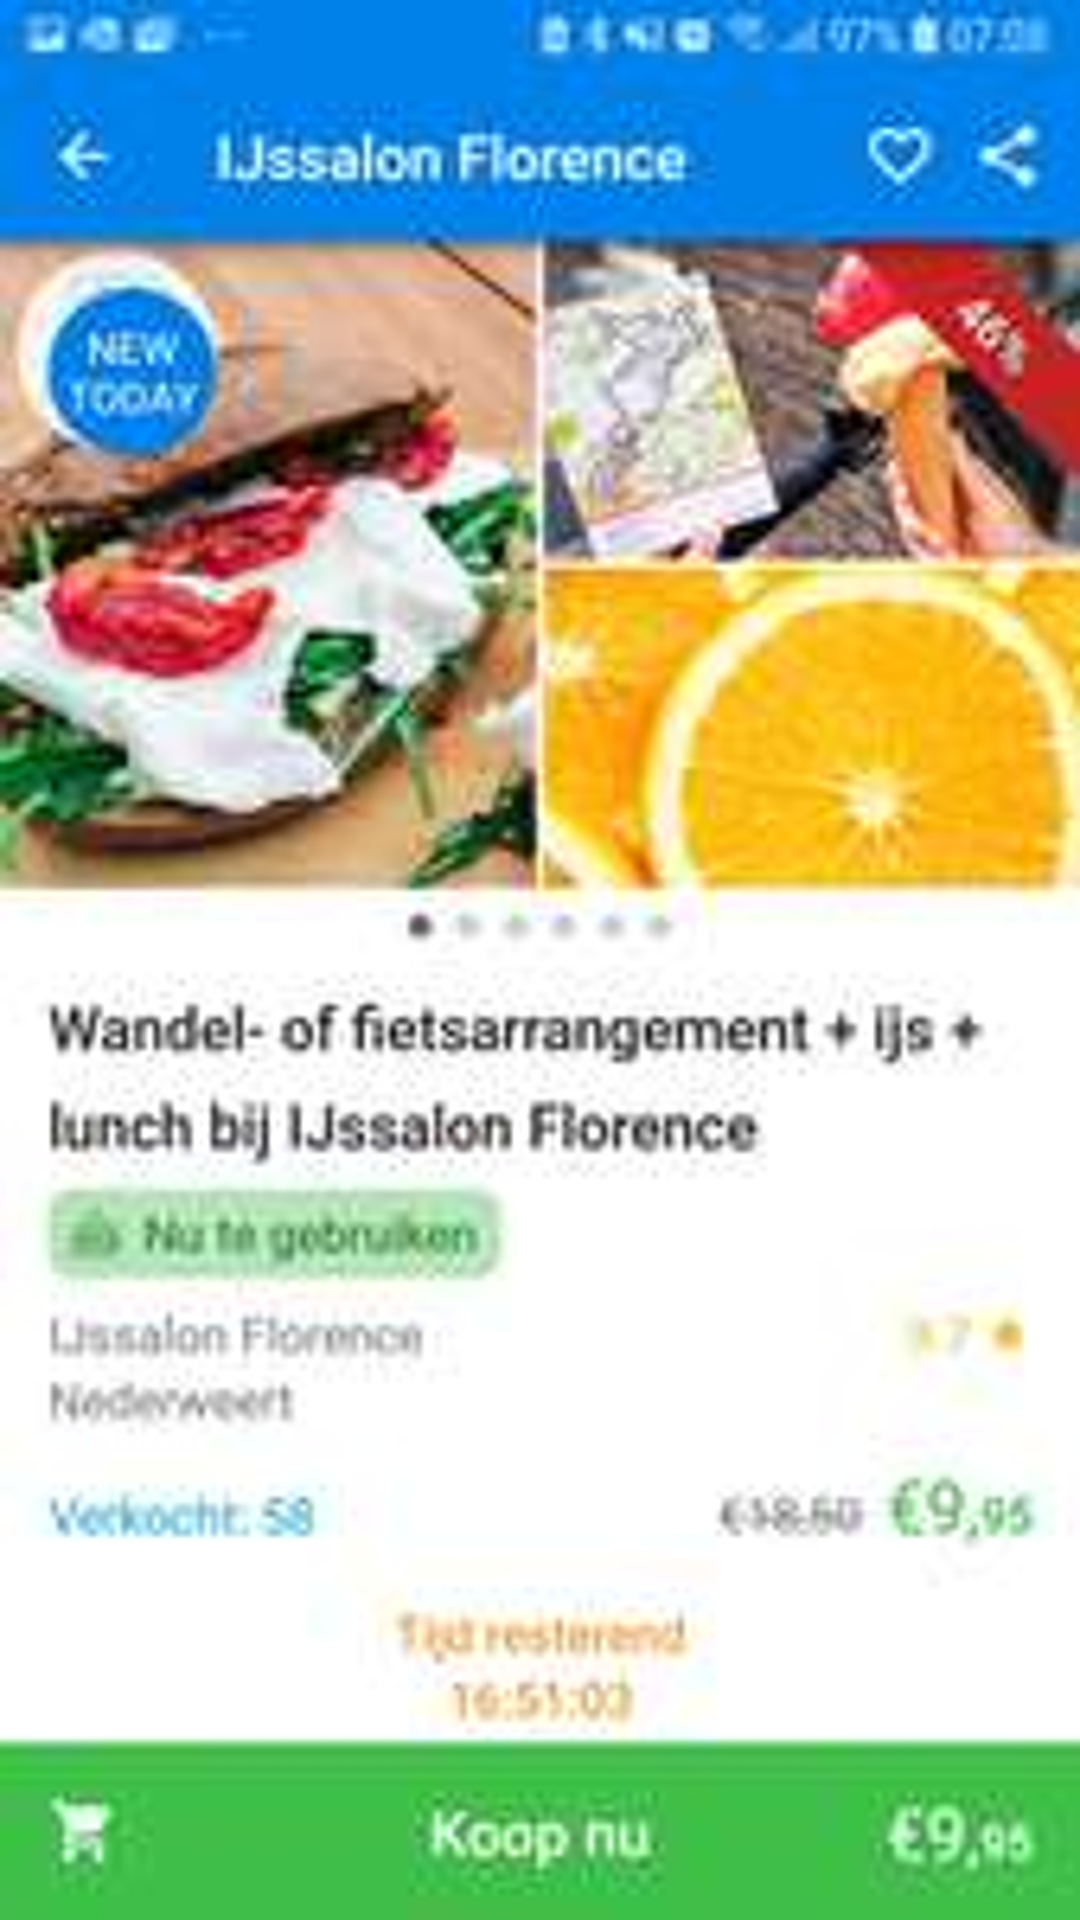 (LOKAAL) Wandel - of fietsarrangement + ijs + lunch bij ijssalon Florence Nederweert